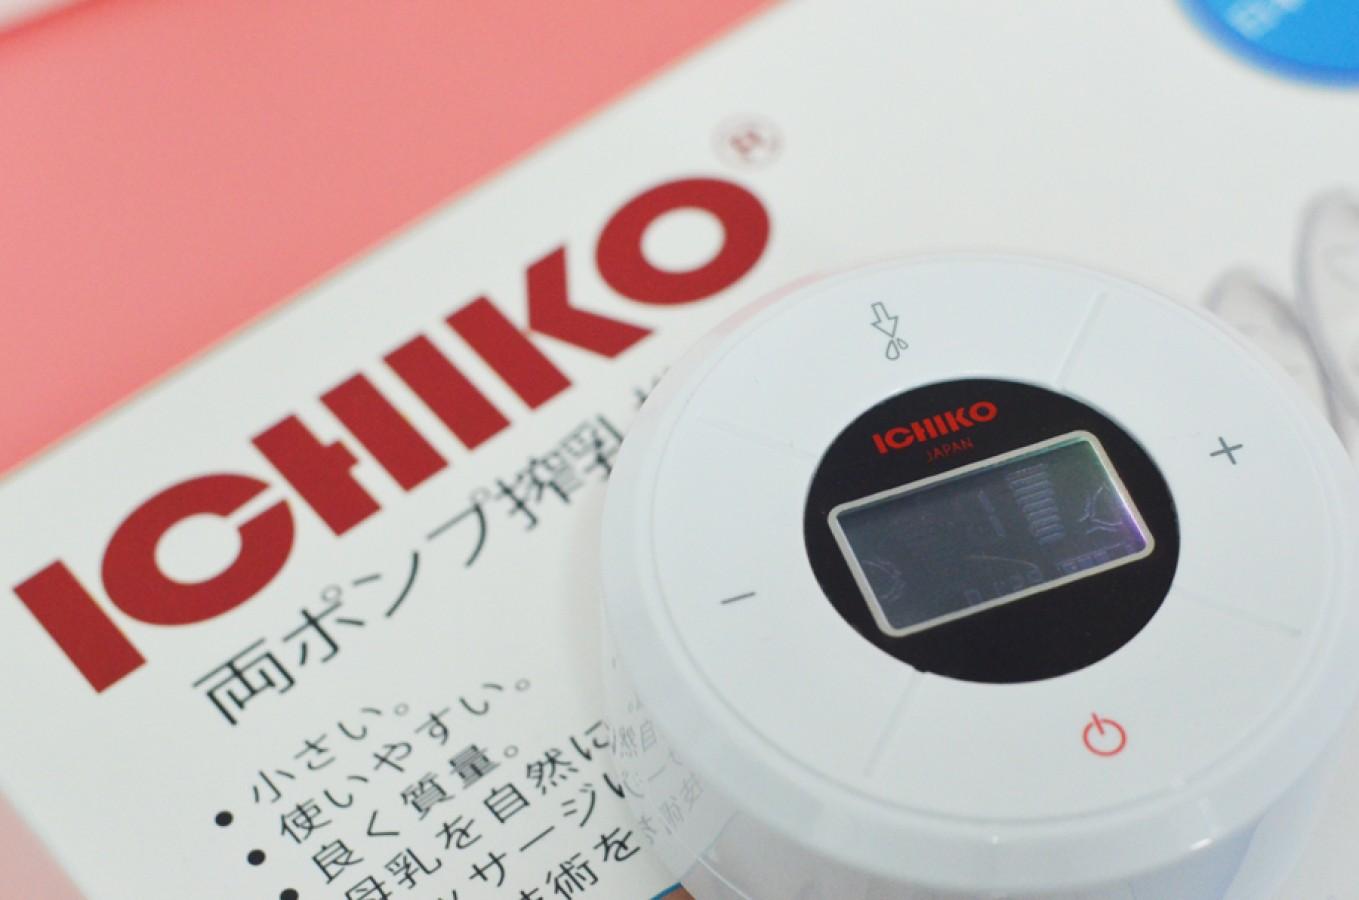 Máy Hút Sữa Điện Đôi Ichiko M02 Có Tích Pin